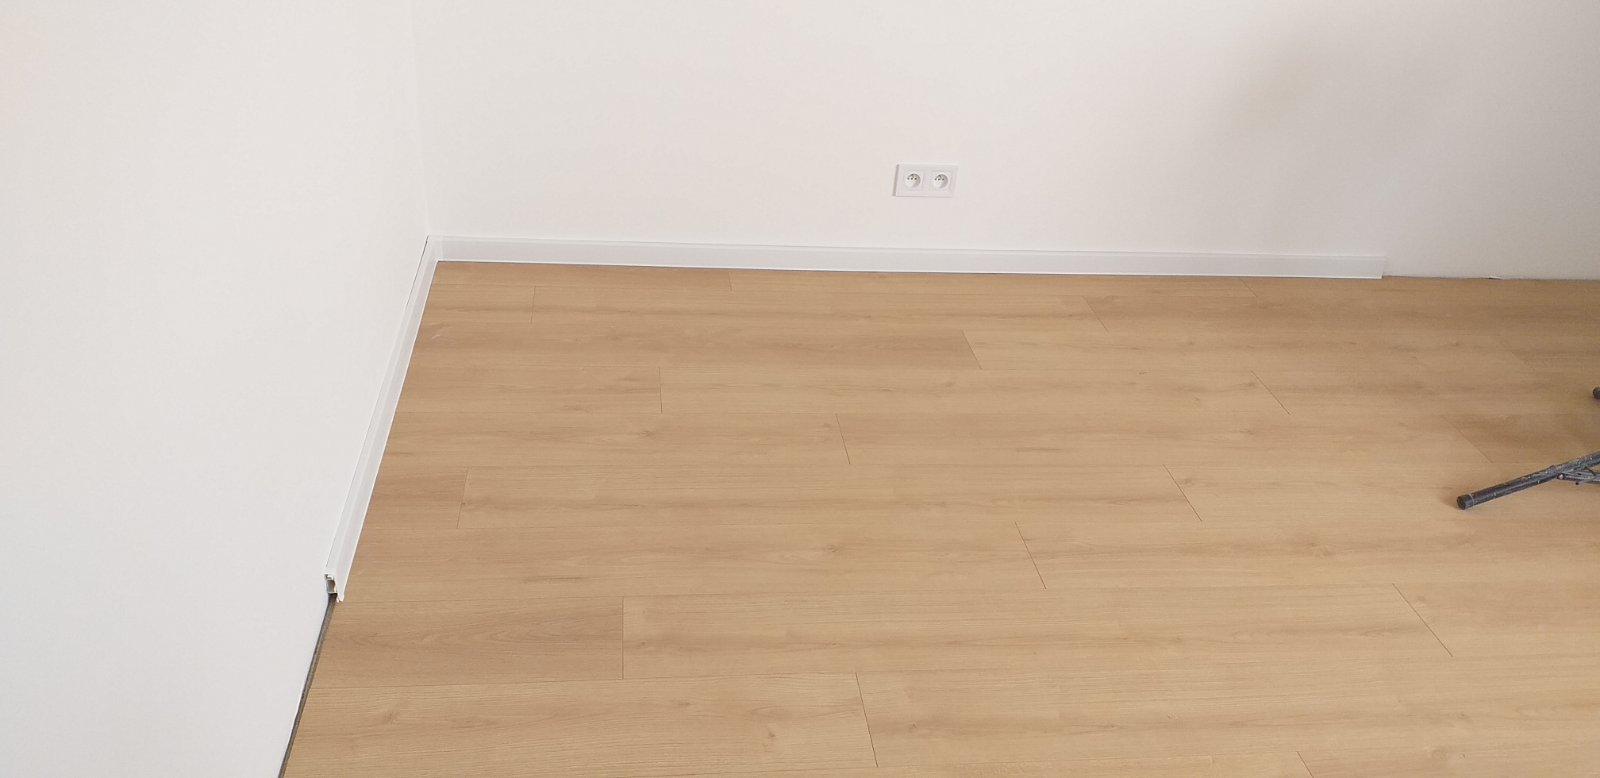 Laminátová podlaha - Obrázok č. 7